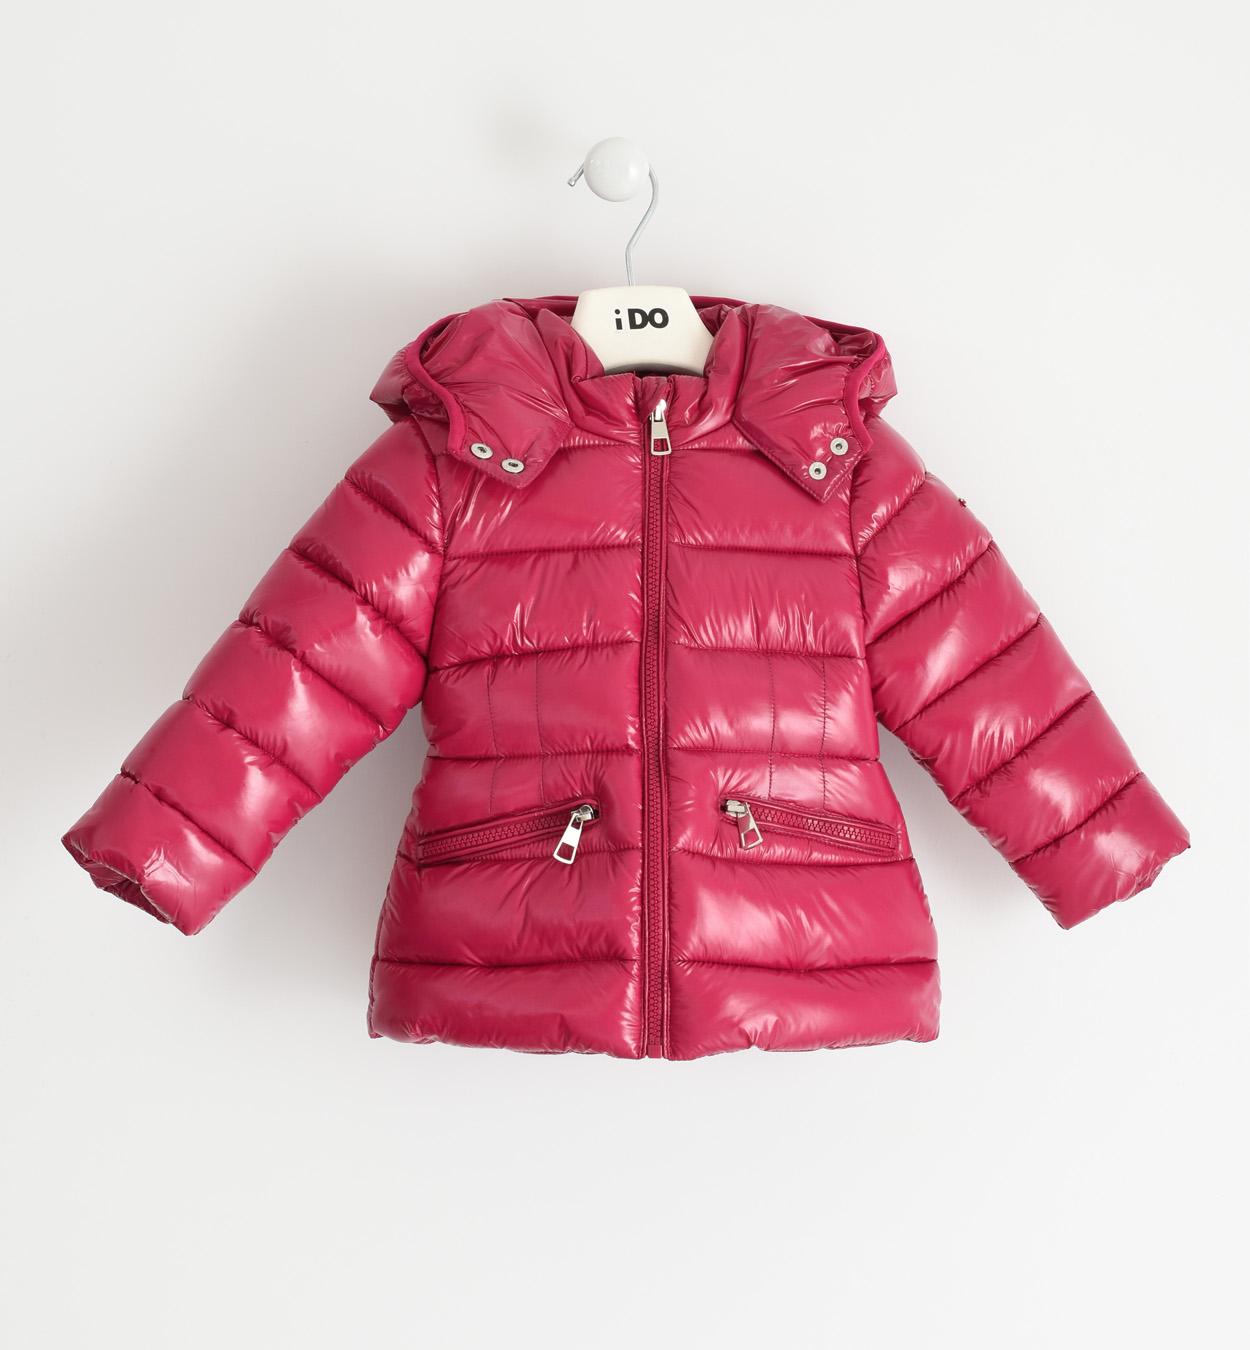 málna színmú gyermek kislány téli kabát